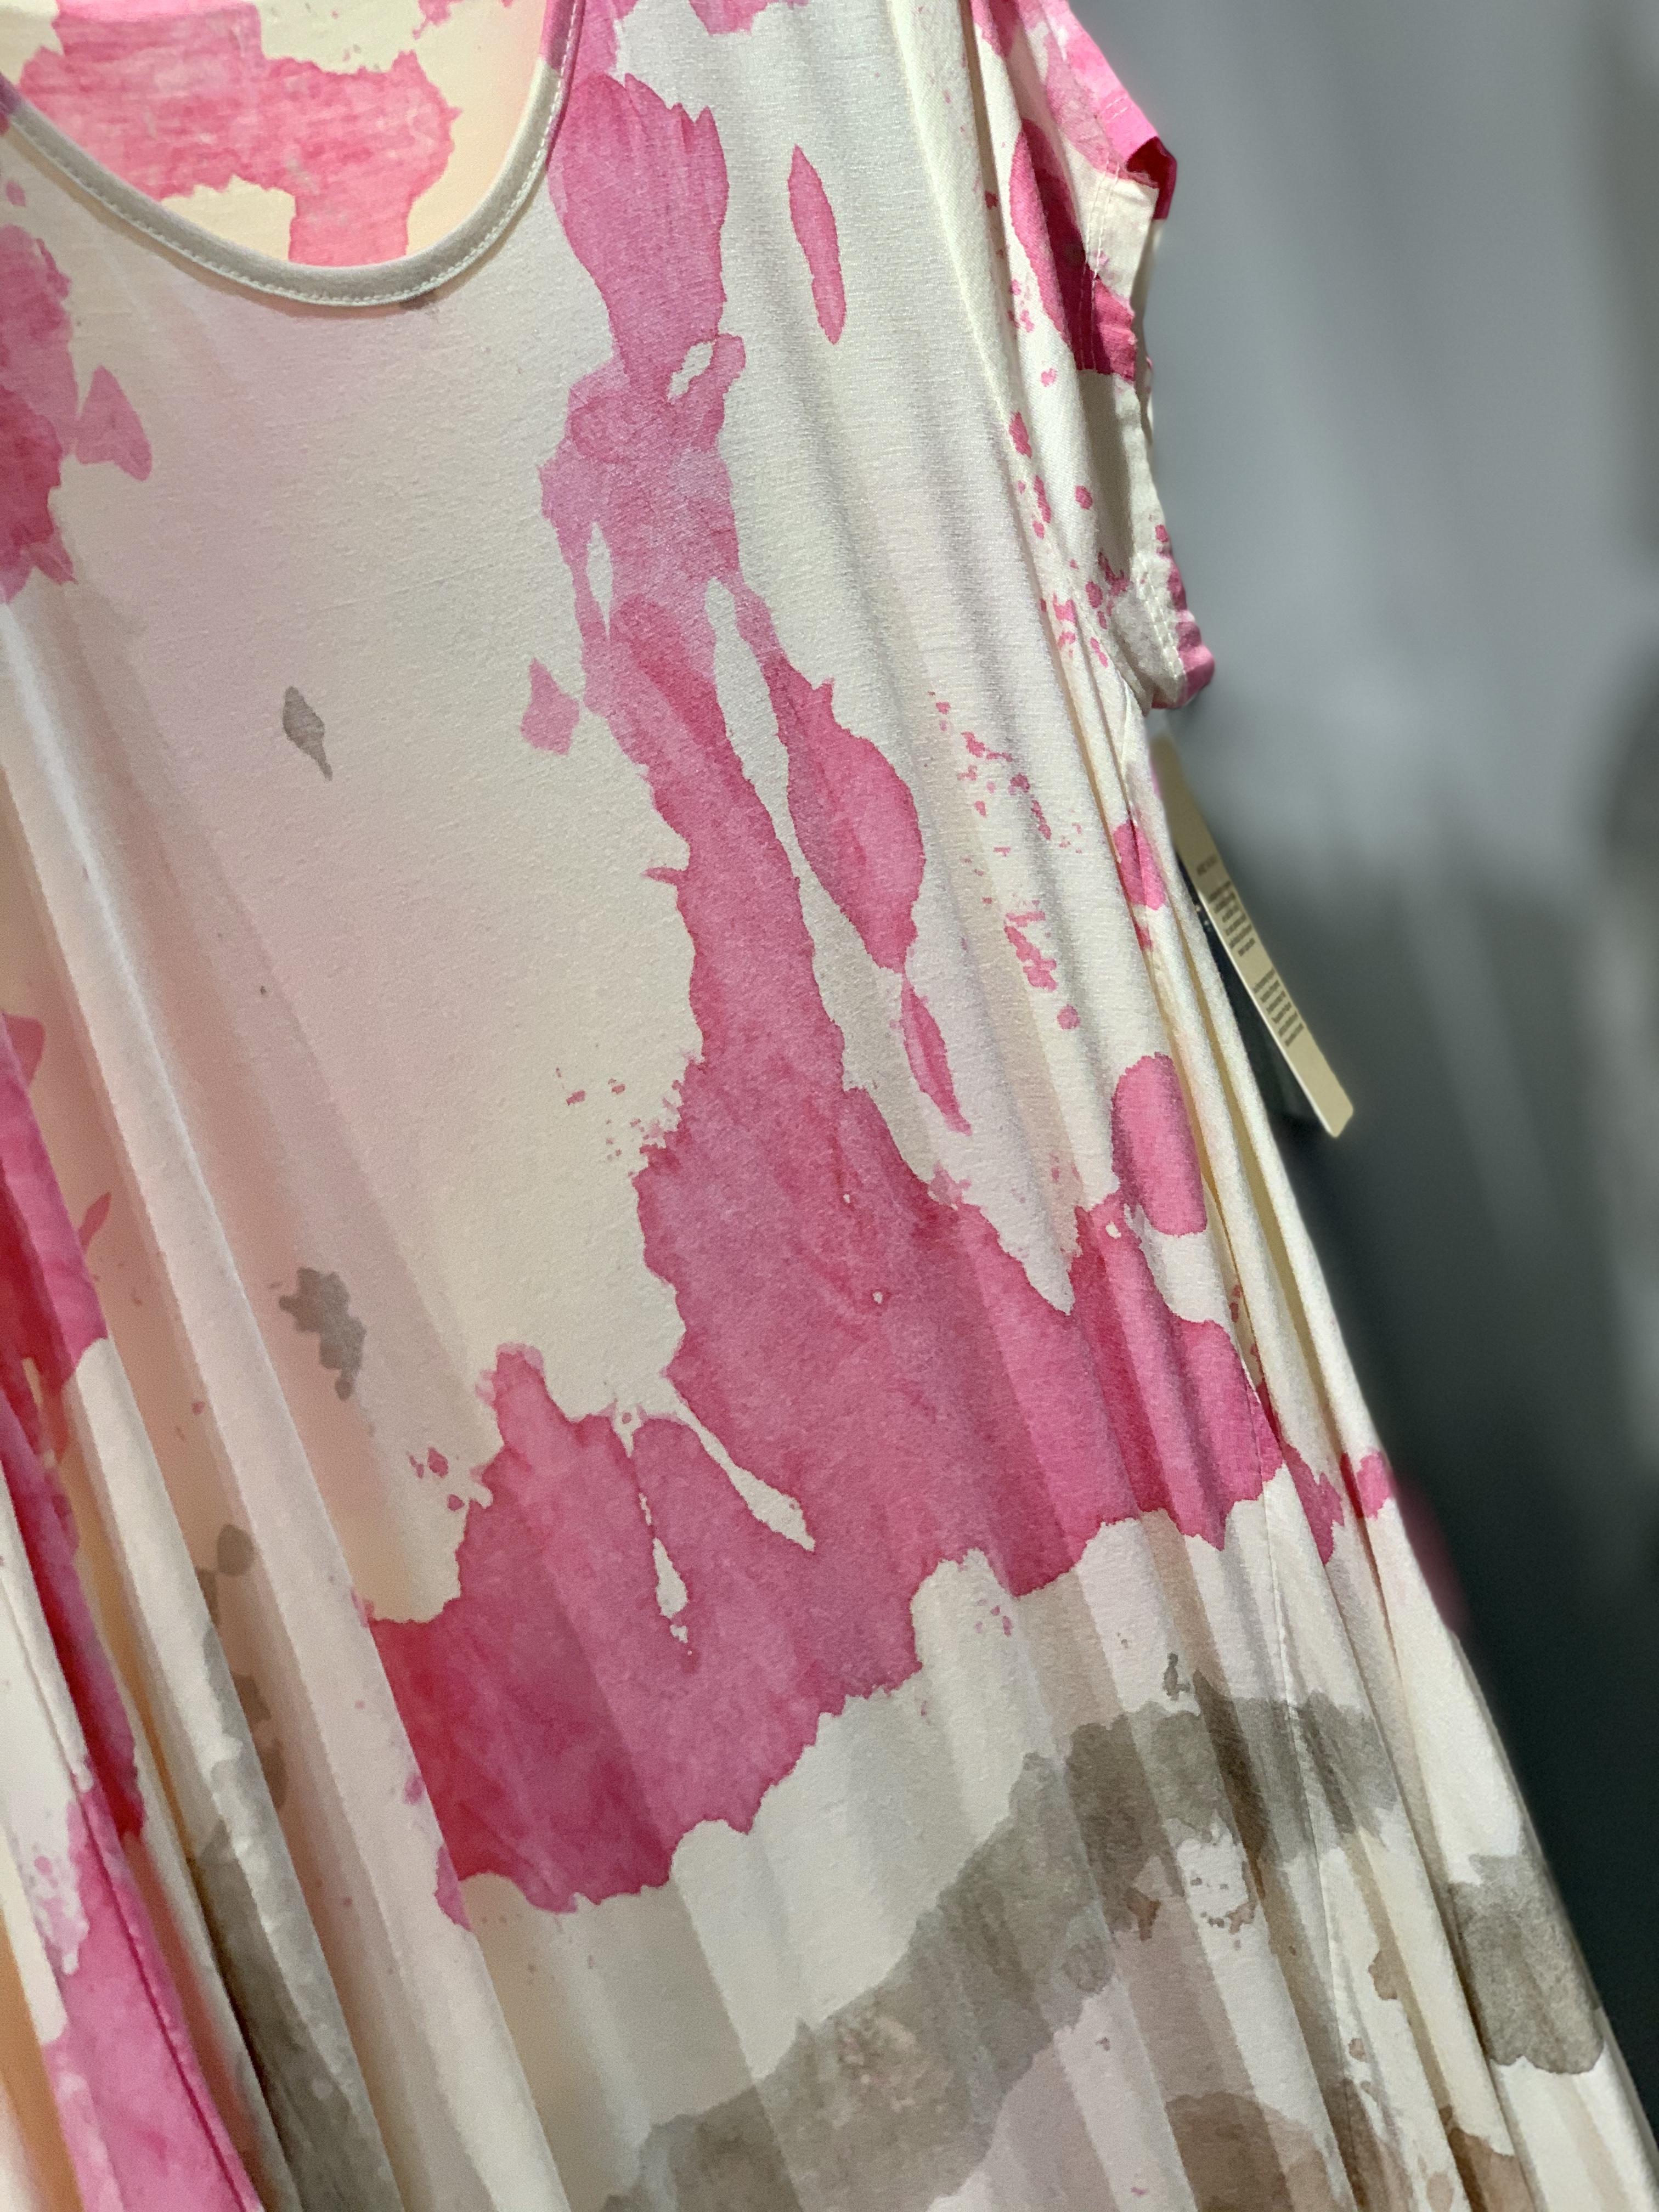 SPLATTER PATTERN MAXI DRESS